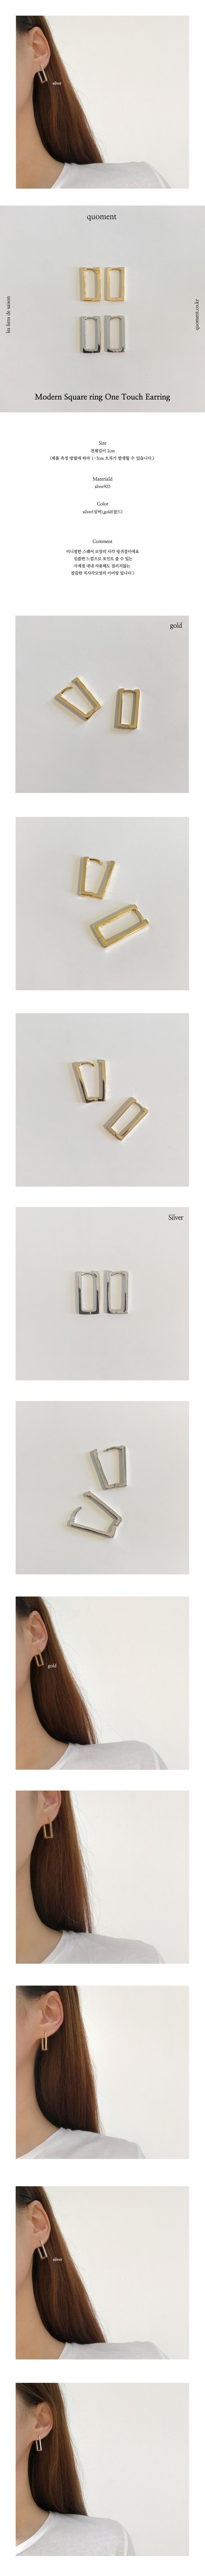 모던 스퀘어 사각링 원터치귀걸이 - 쿼먼트, 11,900원, 골드, 링귀걸이